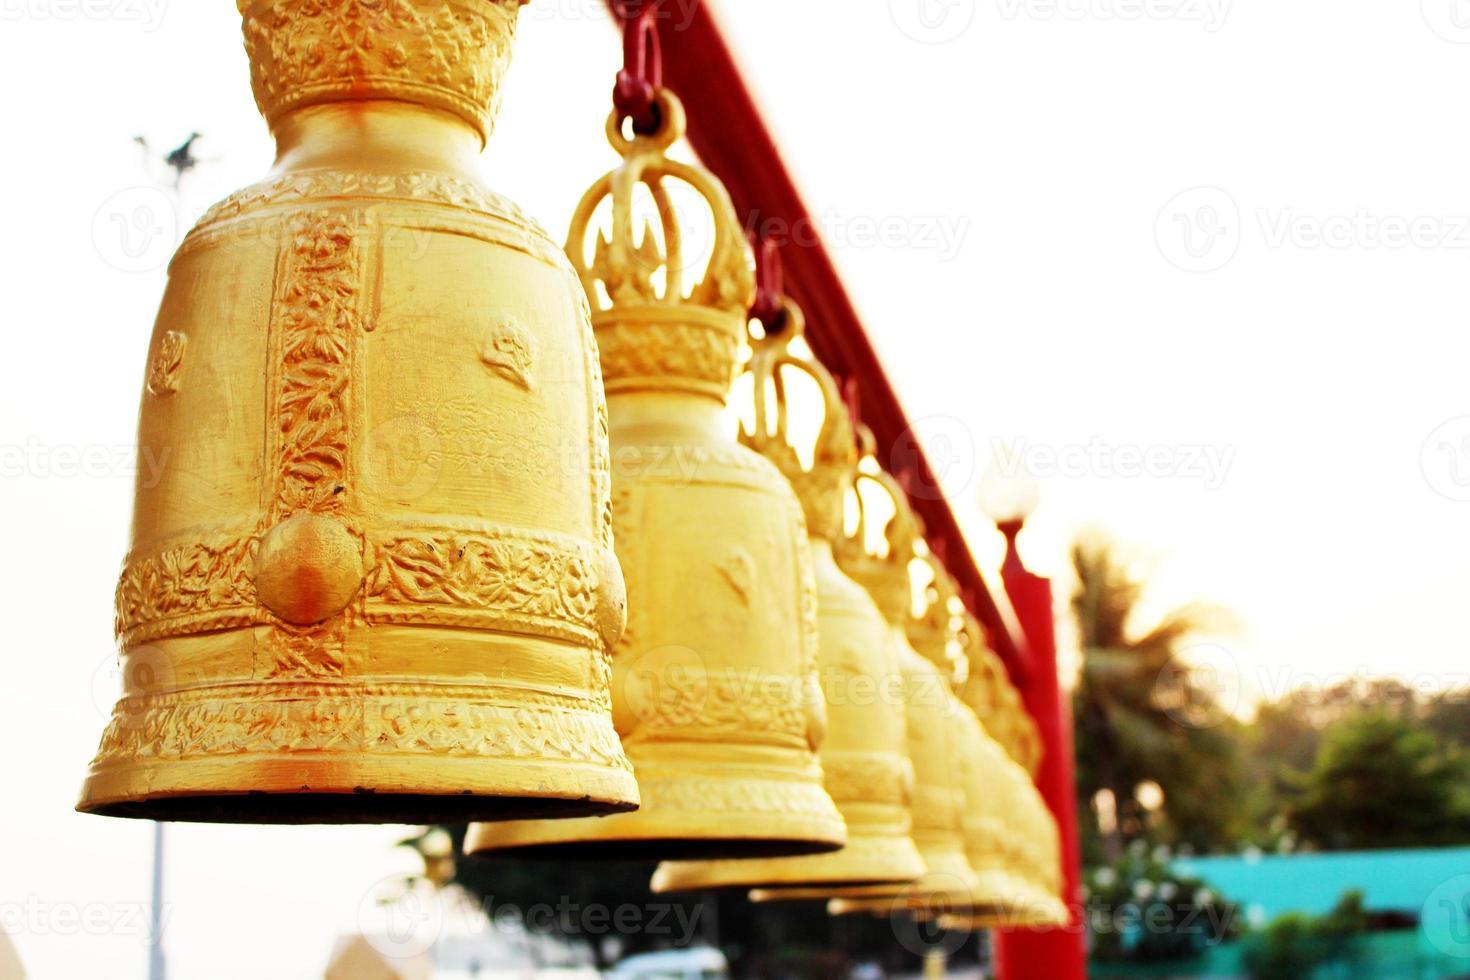 Golden bells in Thailand's Temple photo